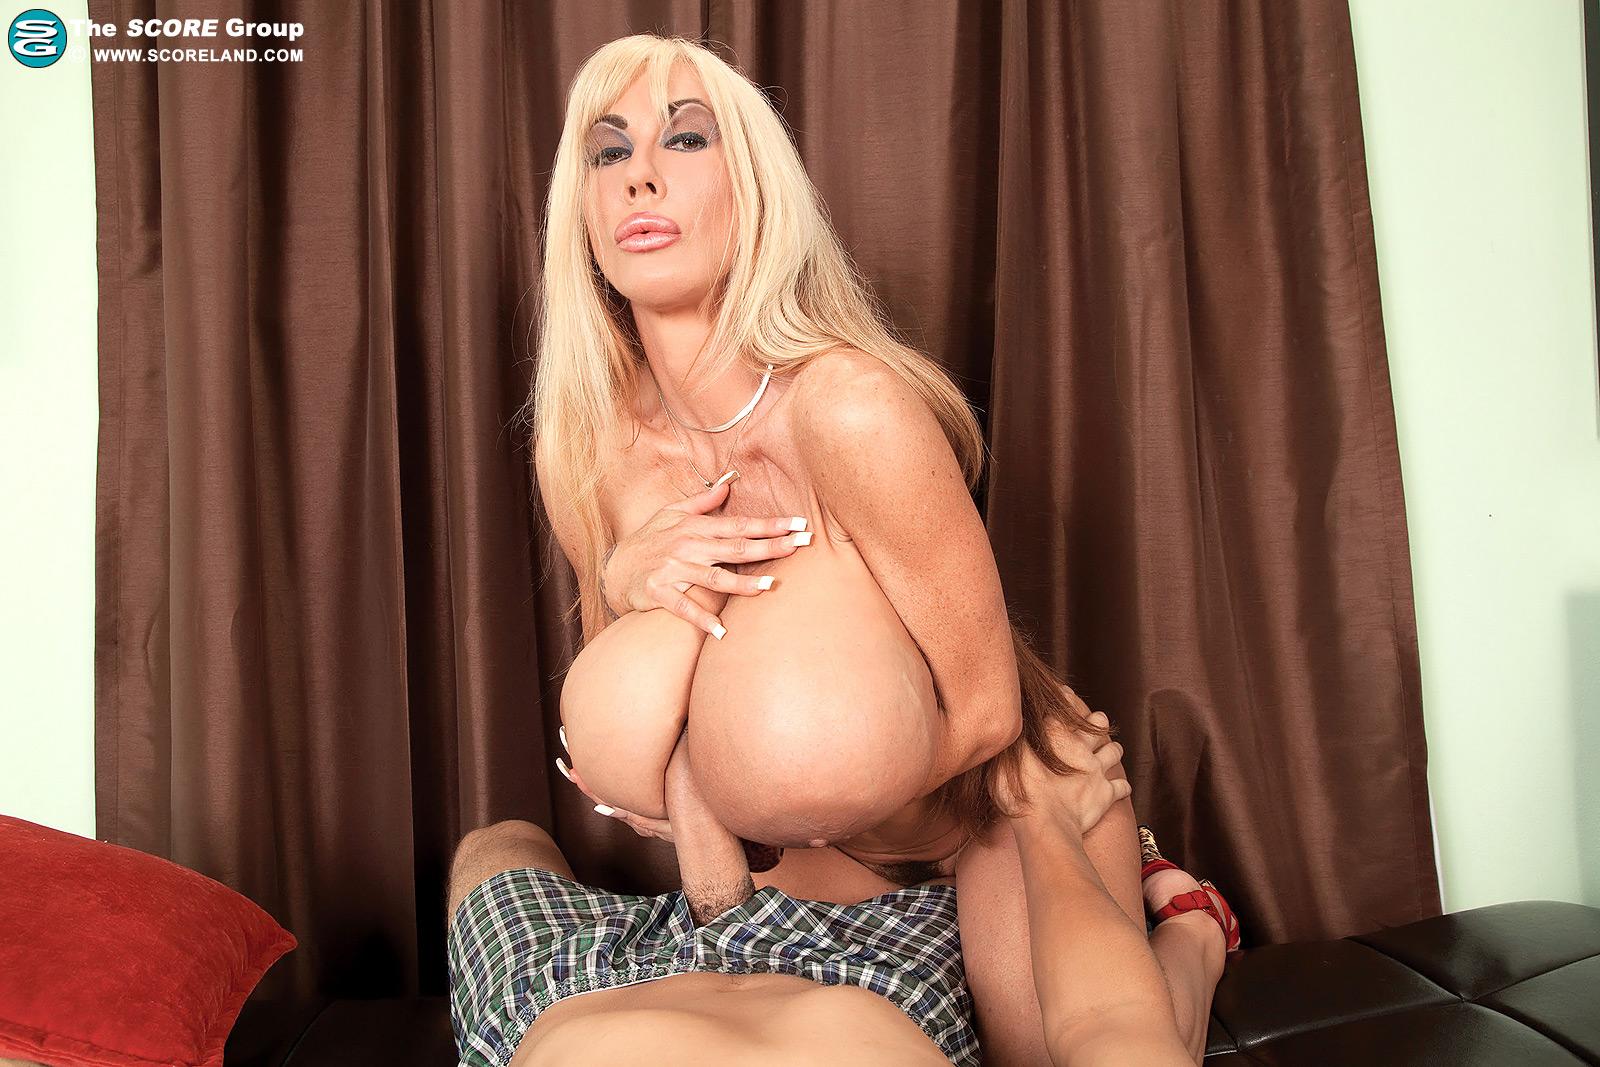 Elizabeth starr super long nails blowjob 4